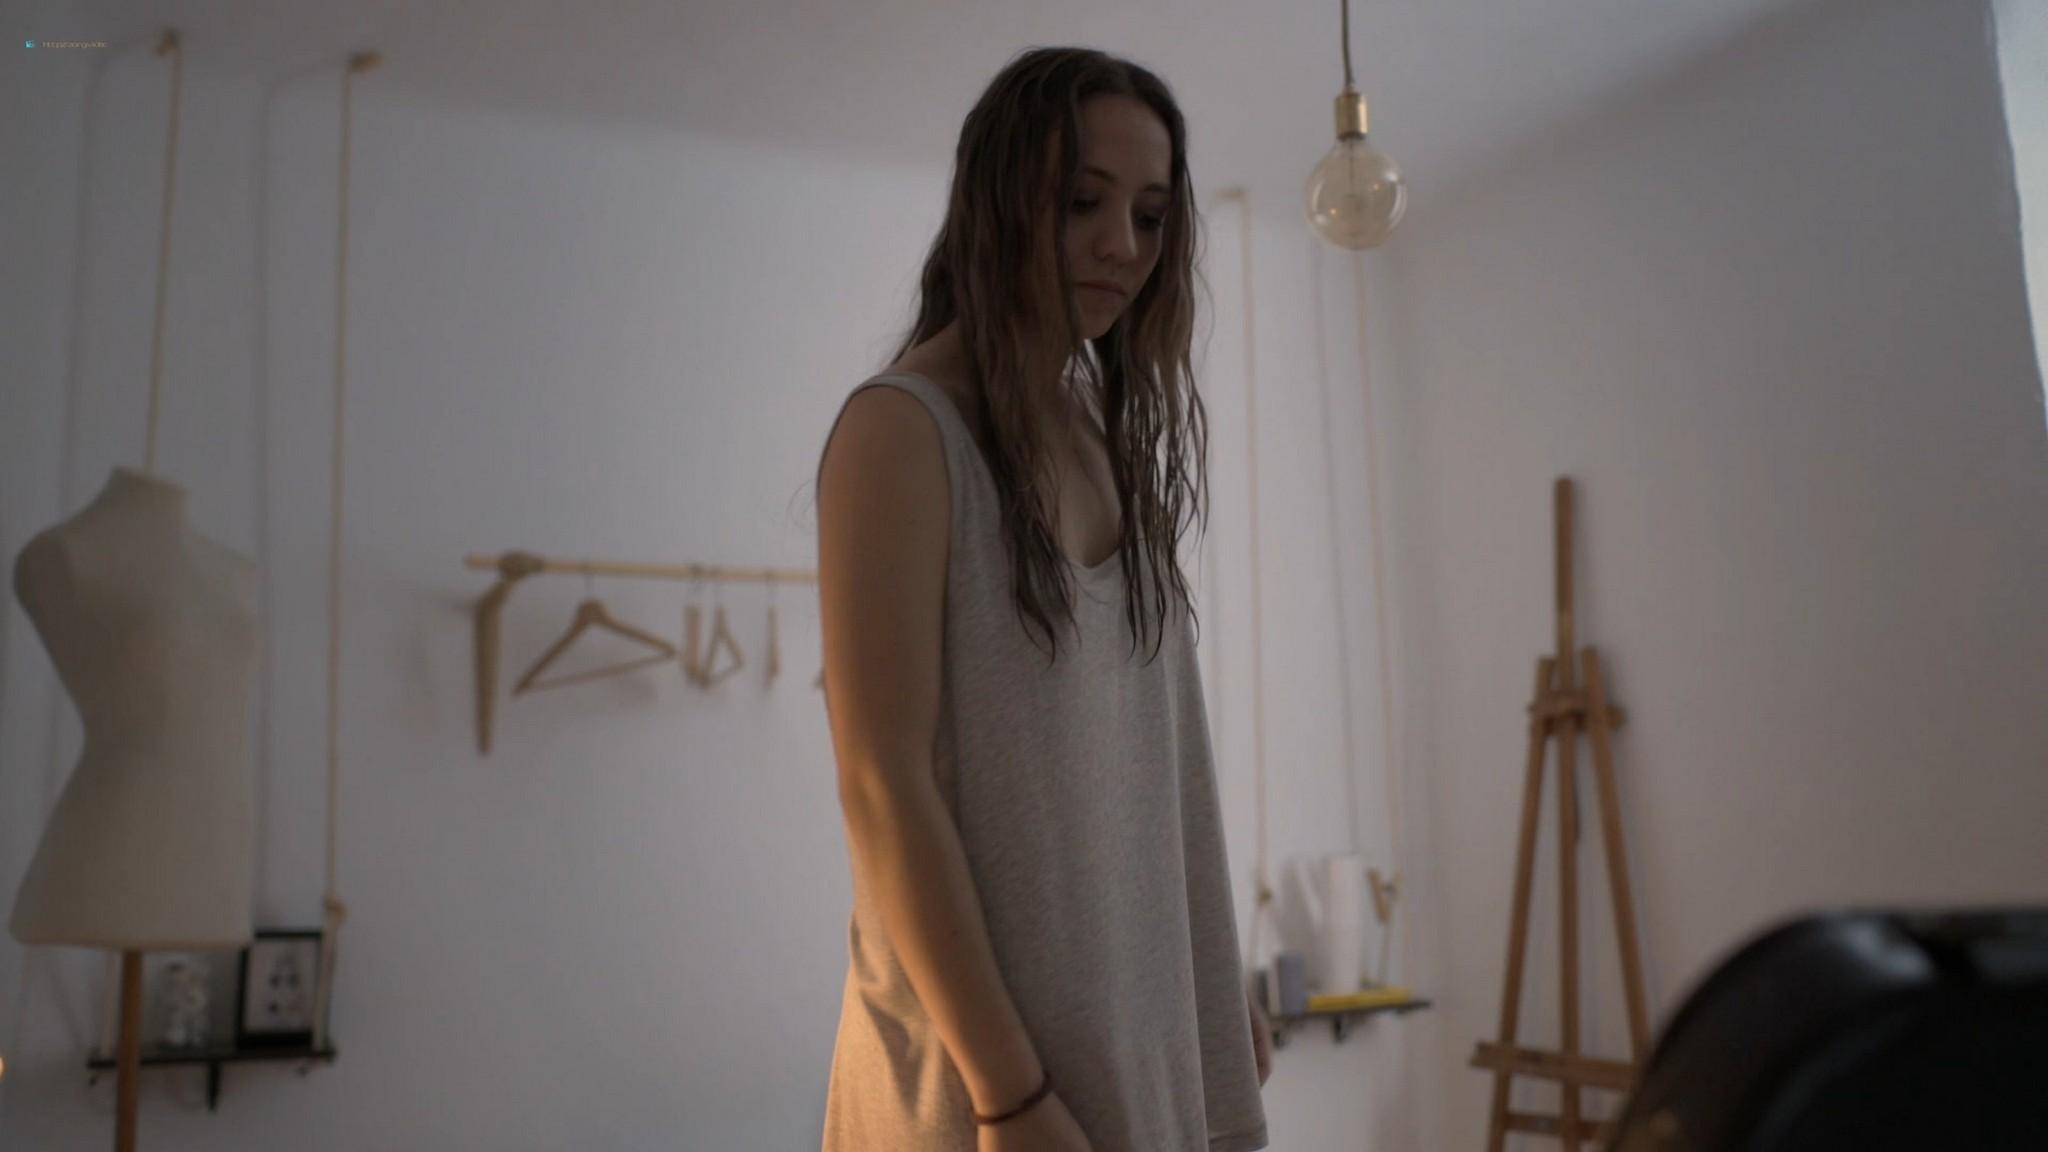 Blanca Parés hot and sexy - Los Amores Cobardes (2018) HD 1080p Web (2)